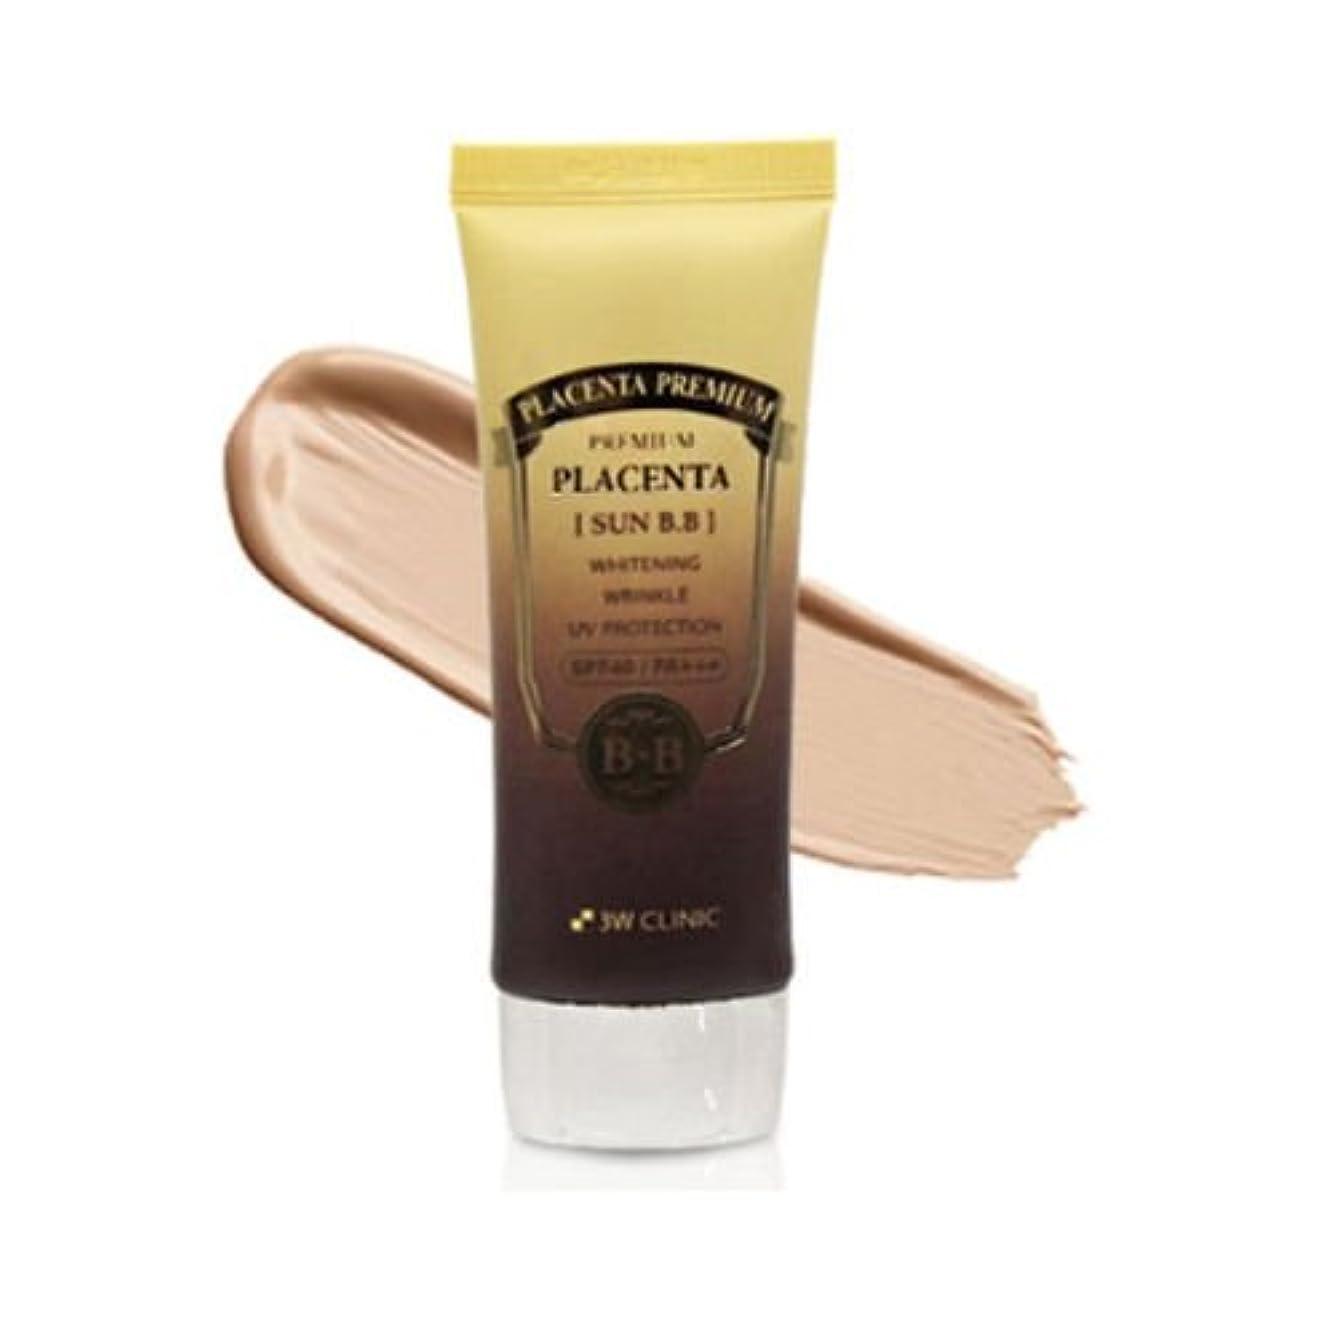 とは異なり和介入する3Wクリニック[韓国コスメ3w Clinic]Premium Placenta Sun BB Cream プレミアムプラセンタサンBBクリーム70ml SPF40 PA+++ UV しわ管理[並行輸入品]